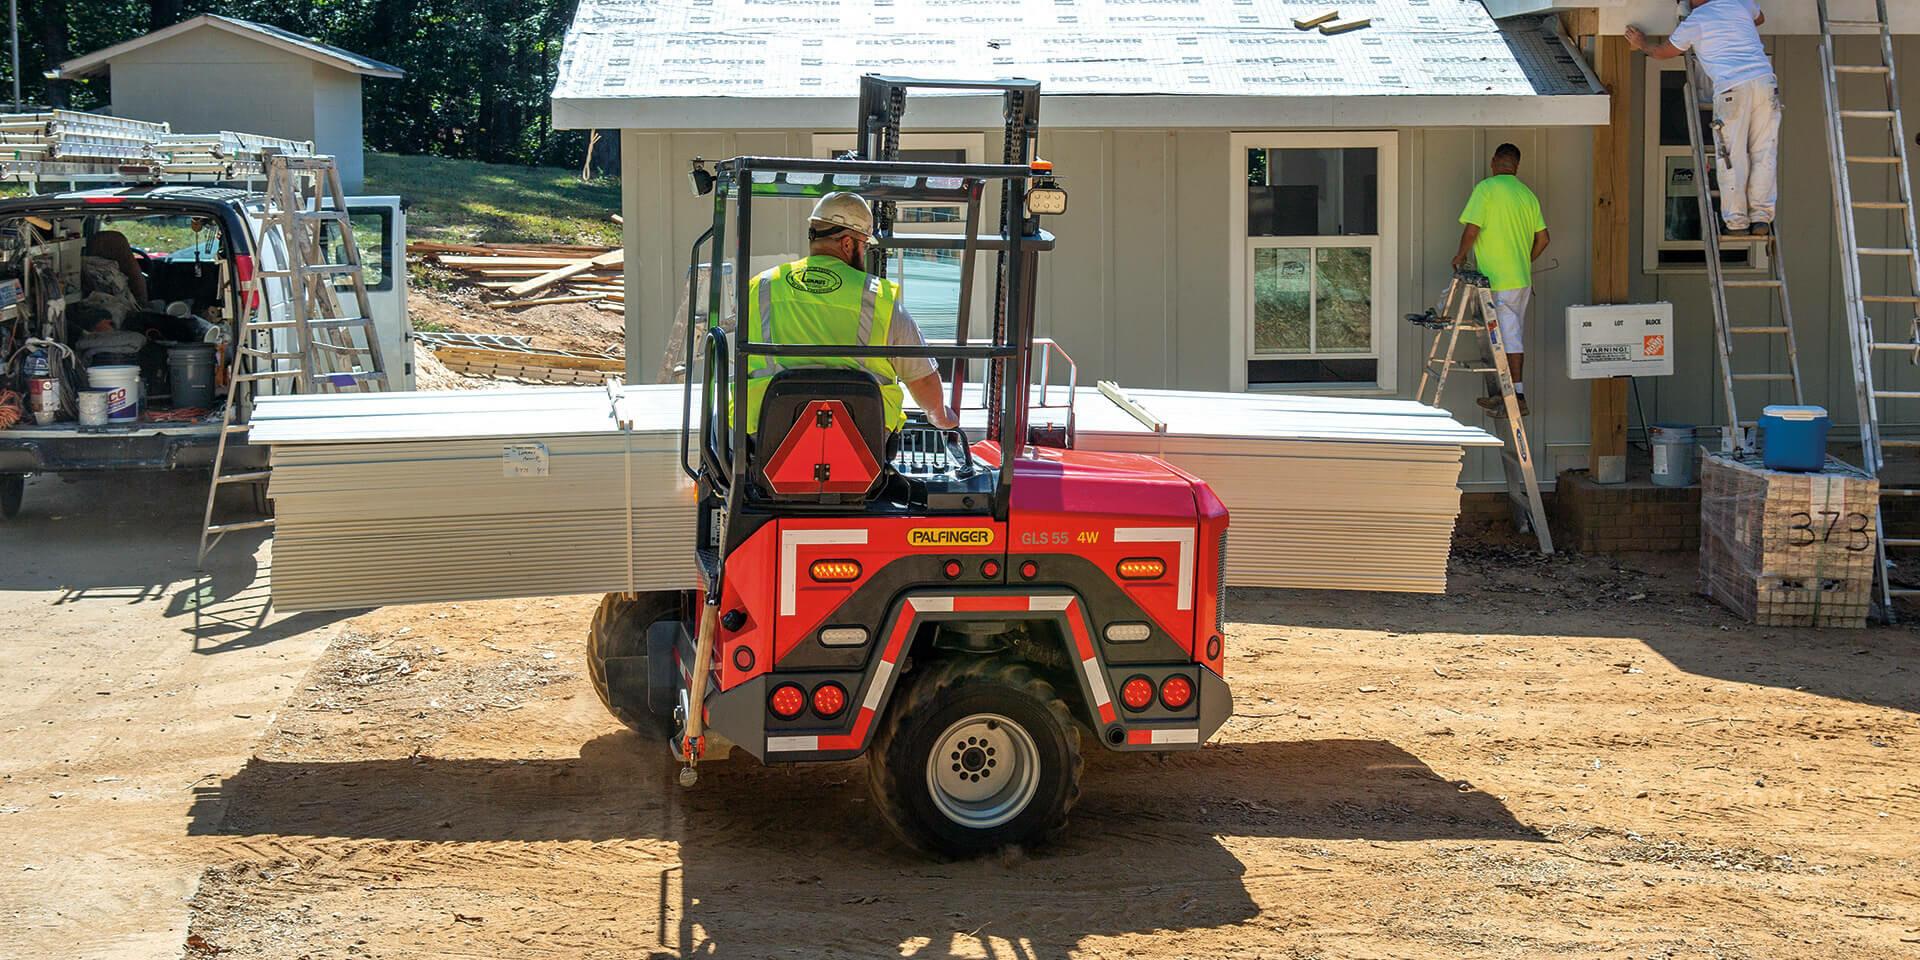 PALFINGER GLS 55 4-WAY Truck Mounted Forklift